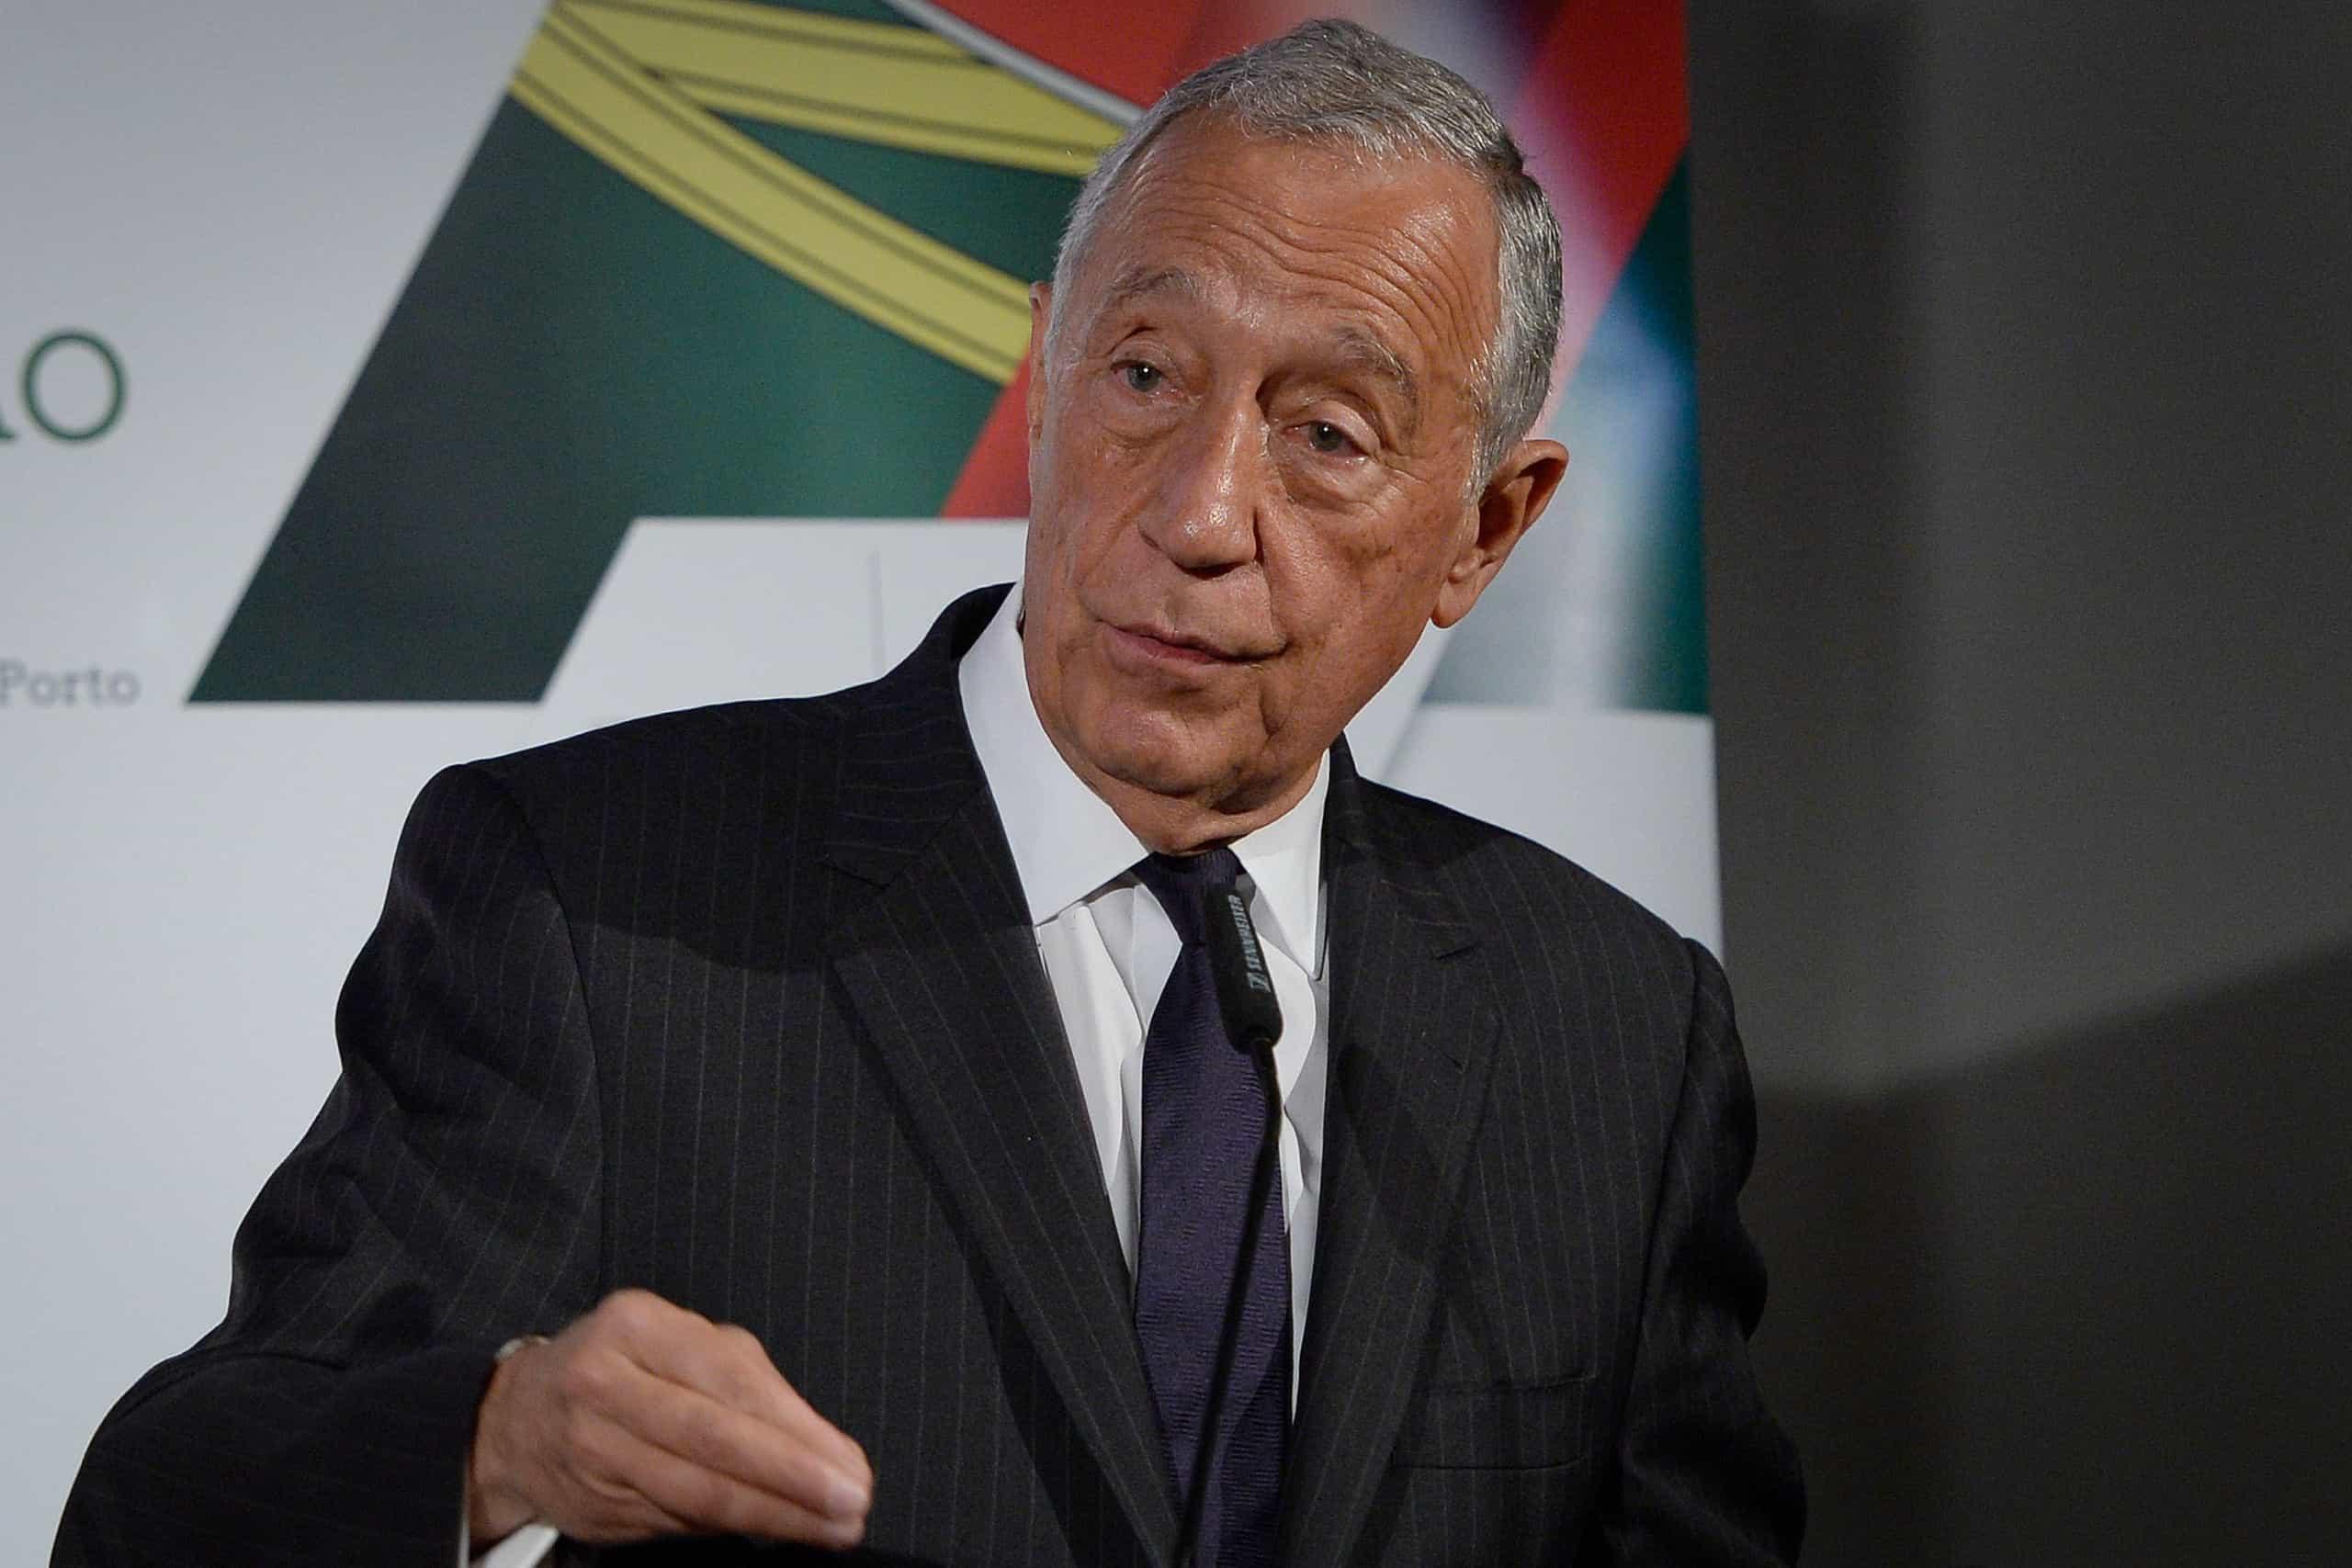 Presidente Marcelo recebeu em Belém portugueses repatriados de Moçambique